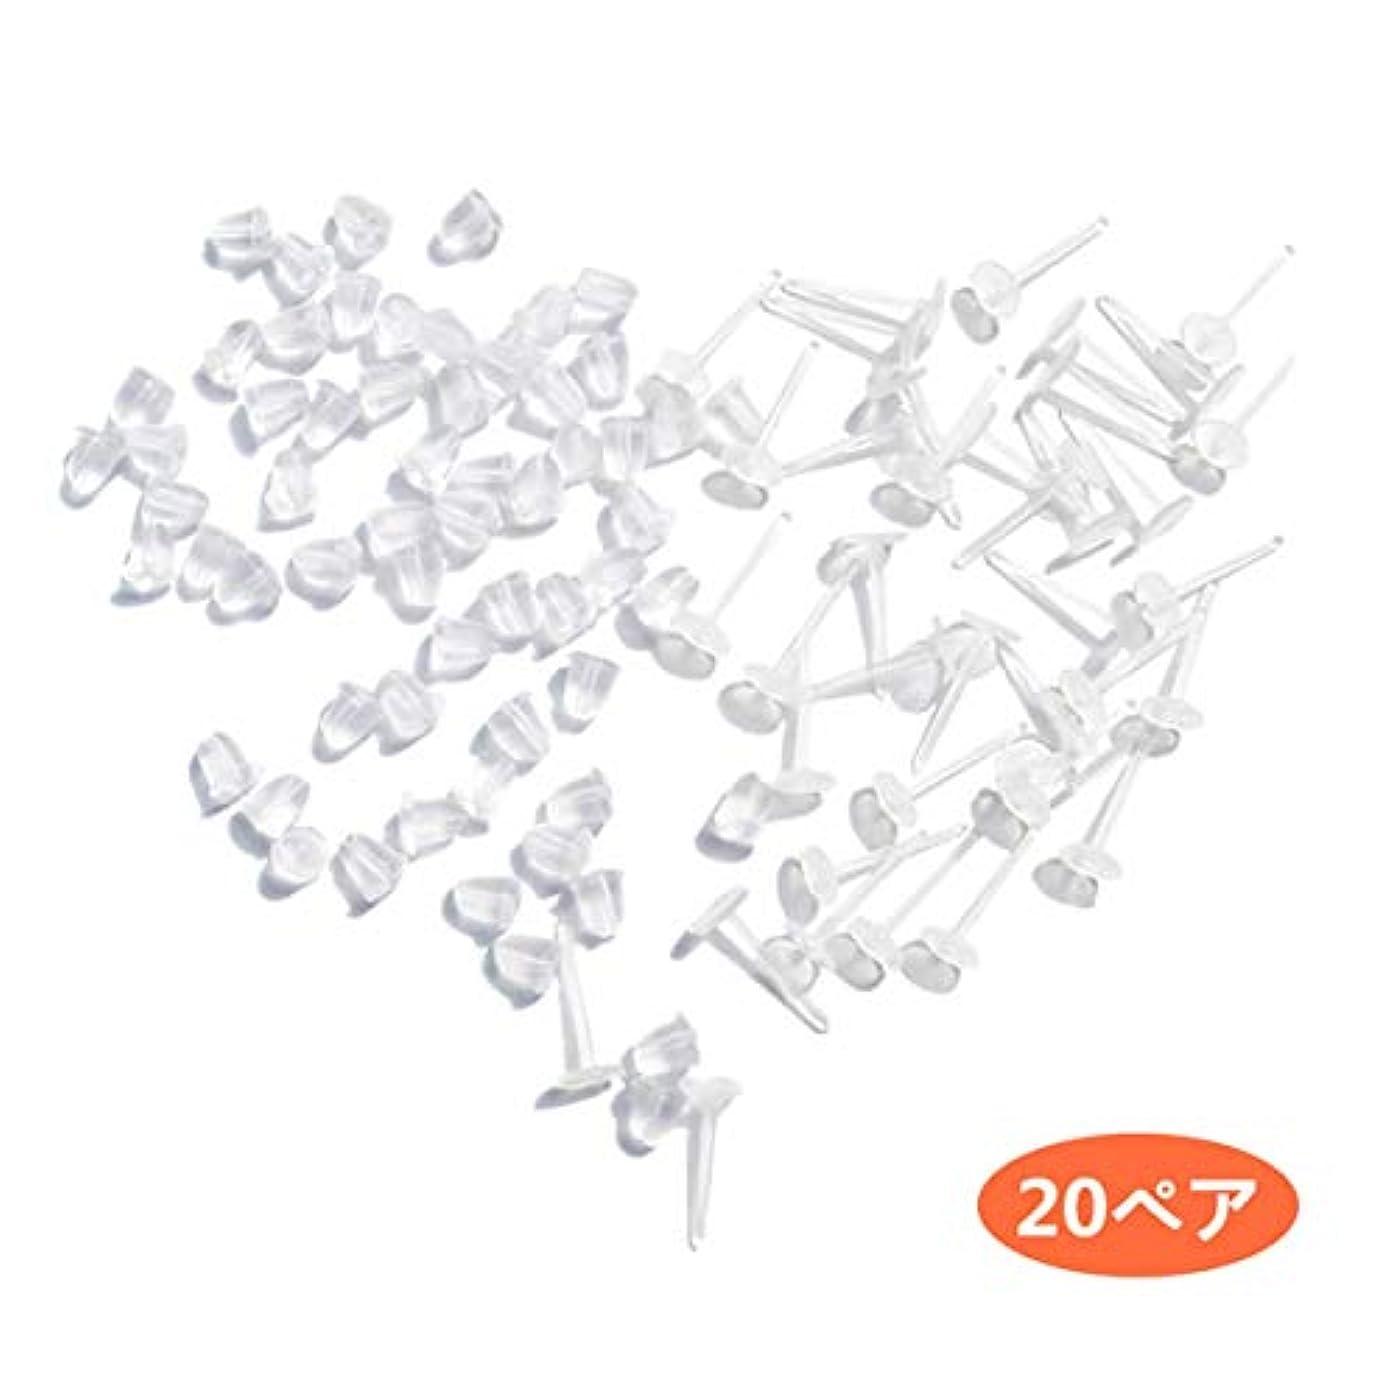 セミナー伝記聴衆シークレットピアス 樹脂透明ピアス アクセサリー パーツ 金属アレルギーフリー ピアスホール維持に最適(20ペア)